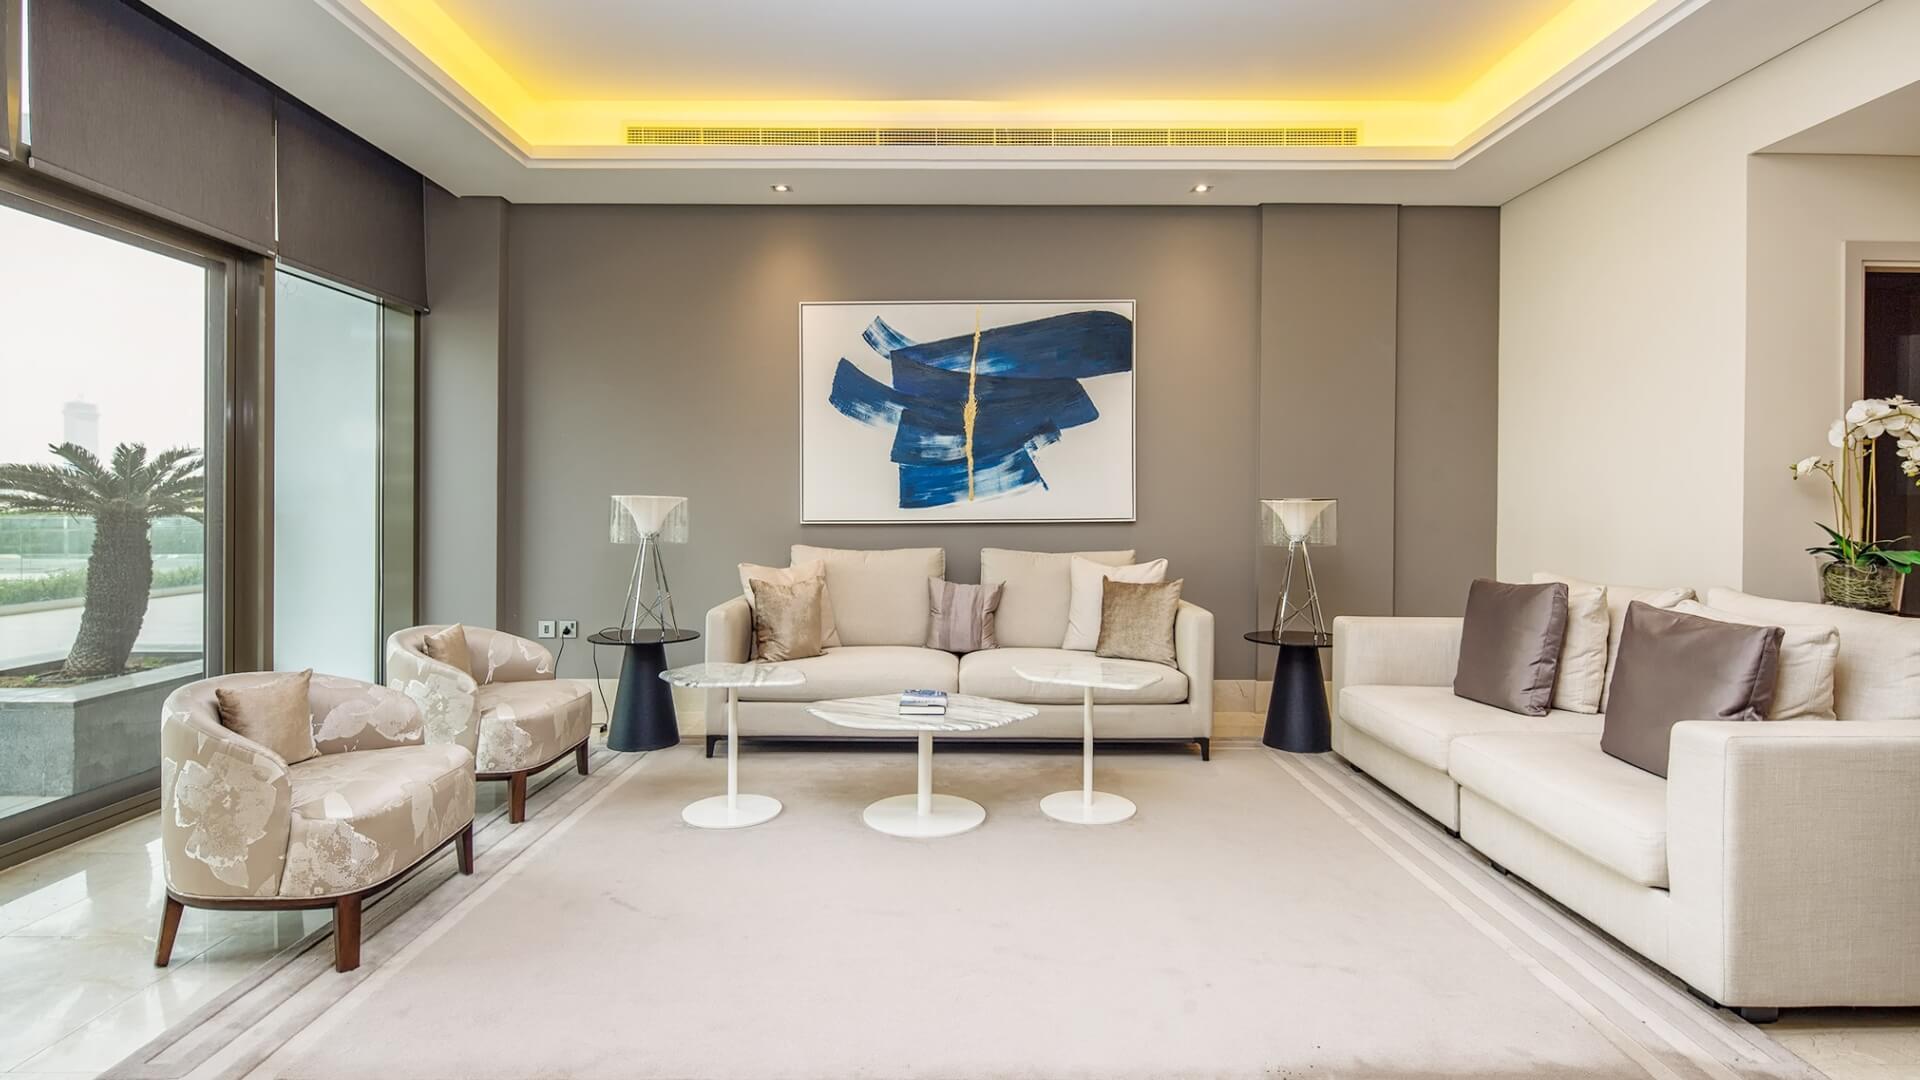 Ático en venta en Dubai, EAU, 3 dormitorios, 386 m2, № 24480 – foto 1